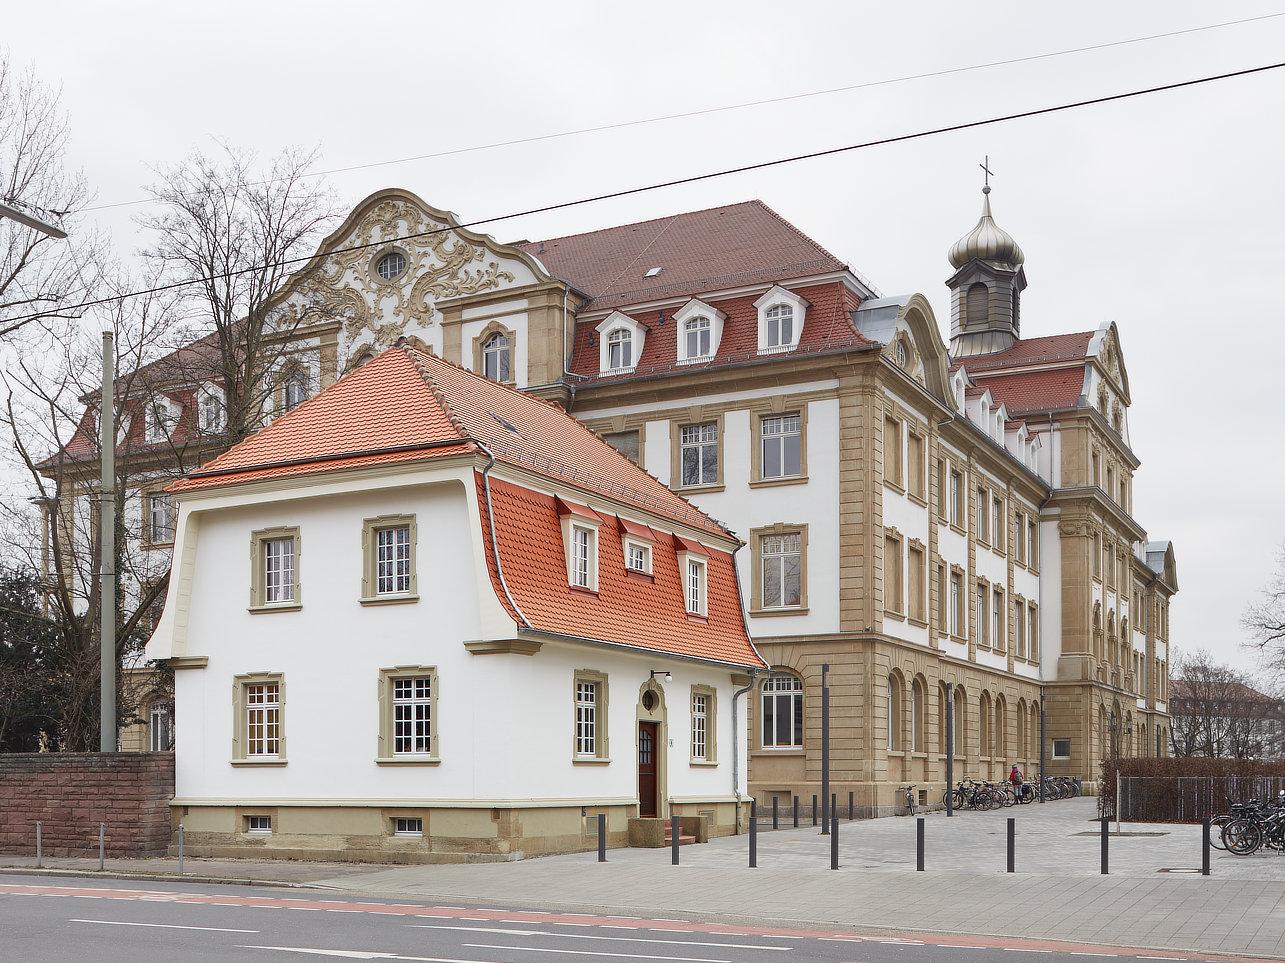 sanierung pförtnerhaus kit campus süd gebäude 50.25  planung: schelling architekten steinstraße 23 76133 karlsruhe www.schelling-architekten.de